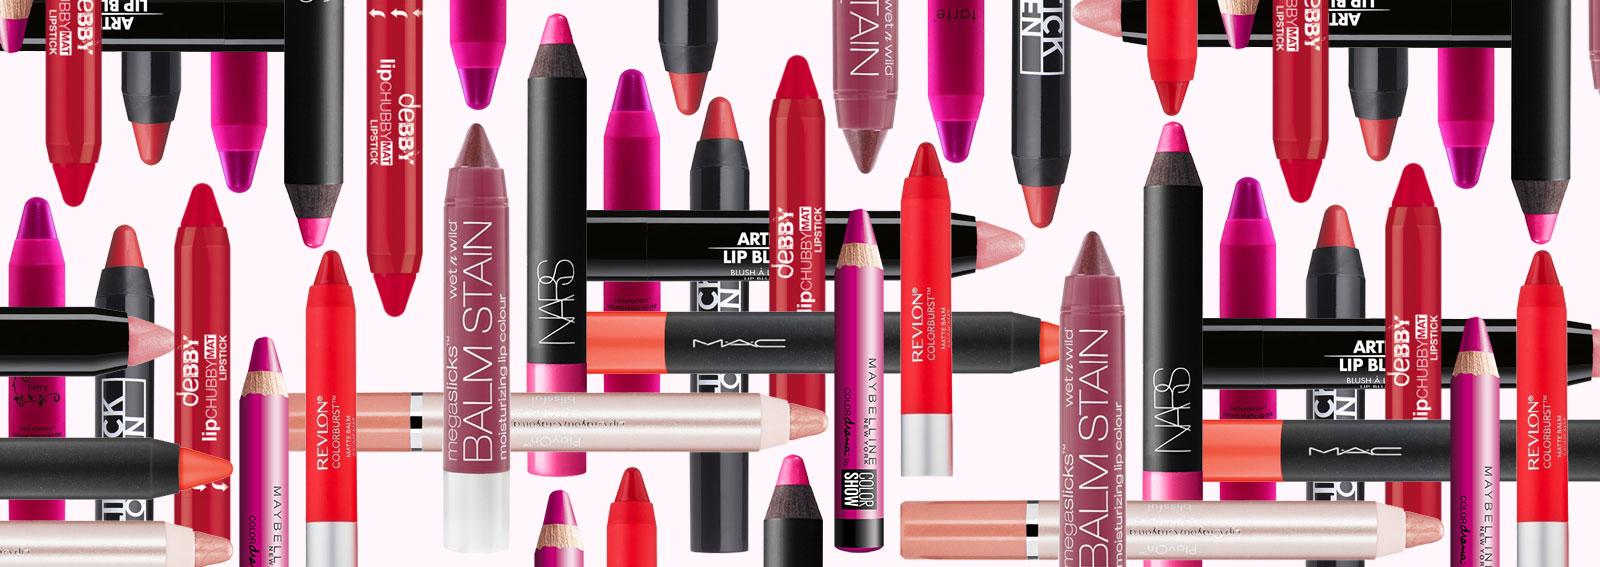 chubby lipstick migliori matitoni rossetto